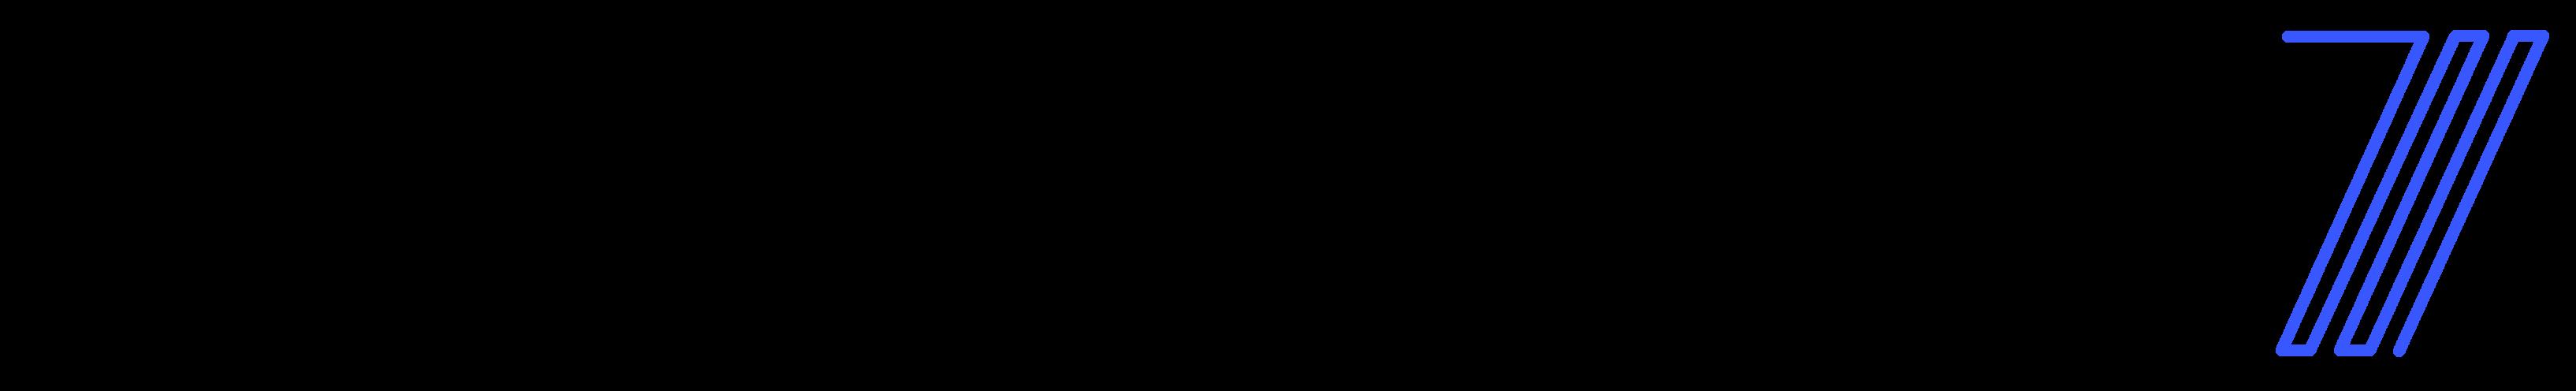 Synergia77